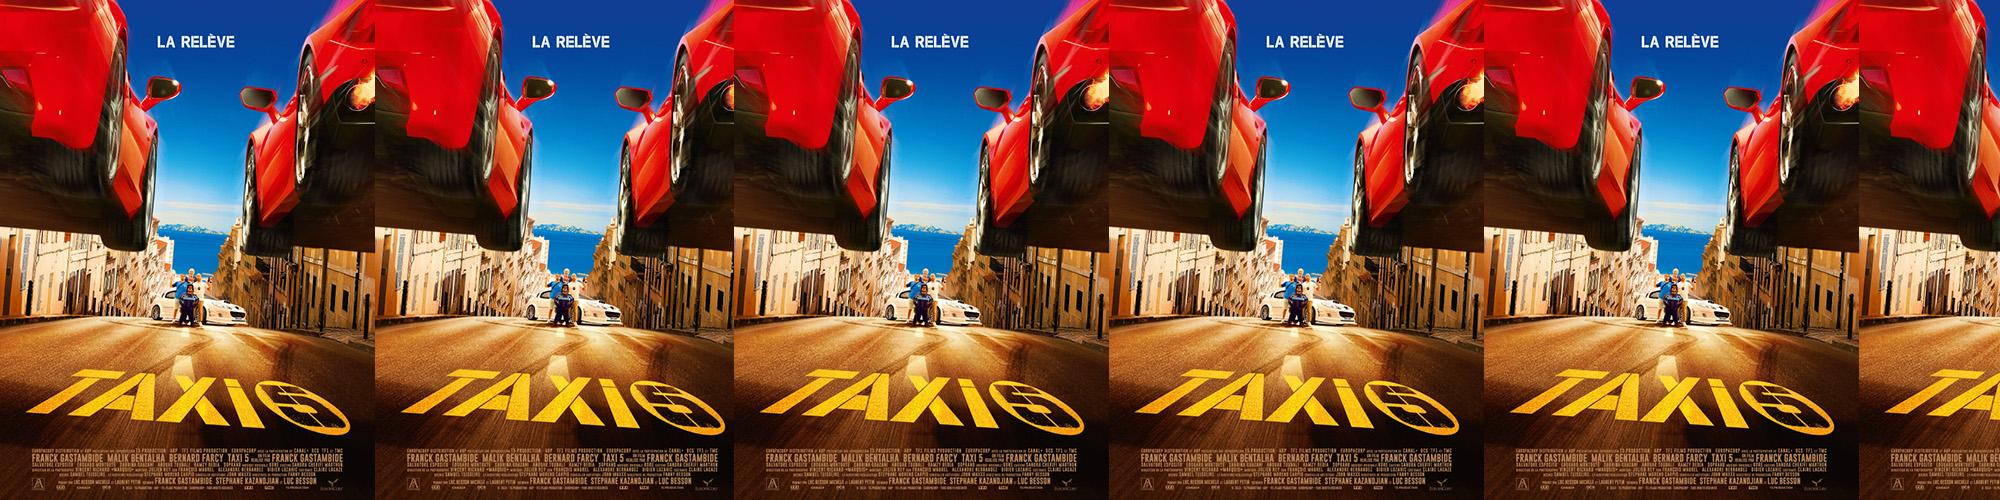 taxi 5 la critique du film. Black Bedroom Furniture Sets. Home Design Ideas